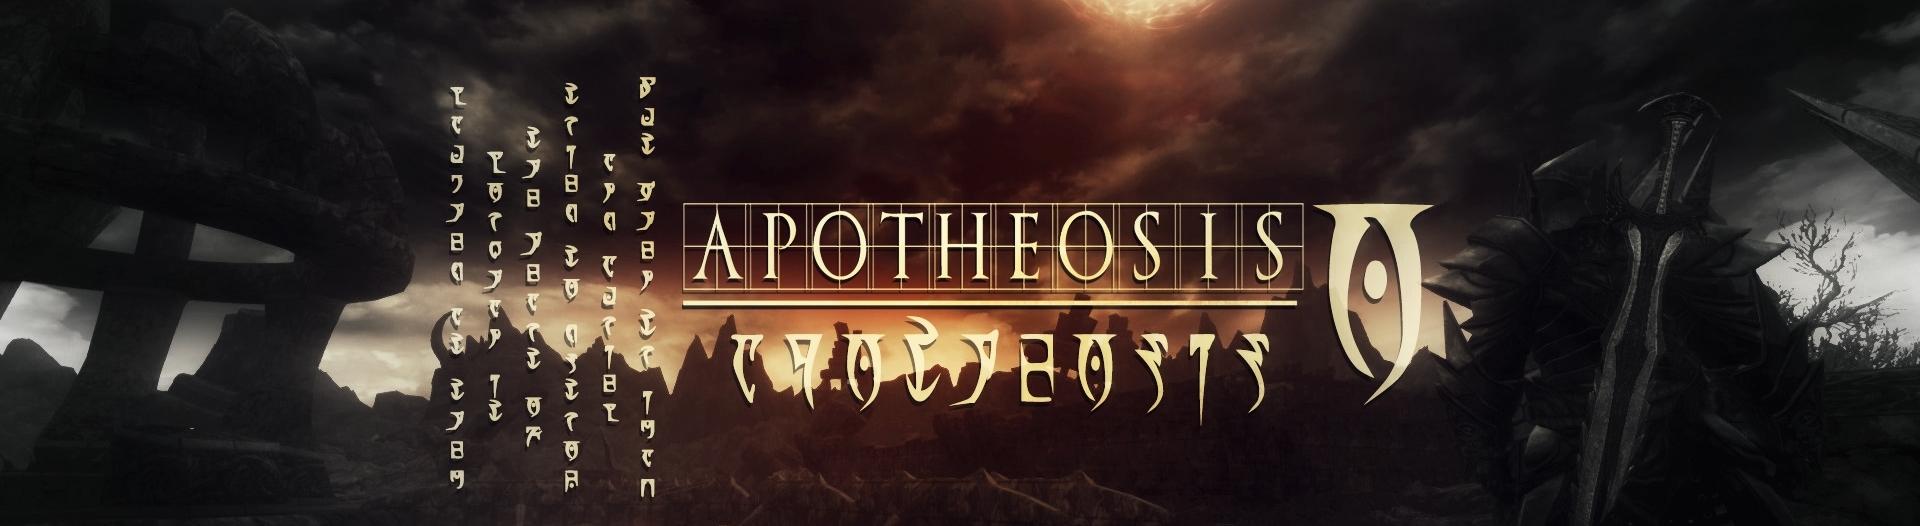 ApotheosisLogo Banner